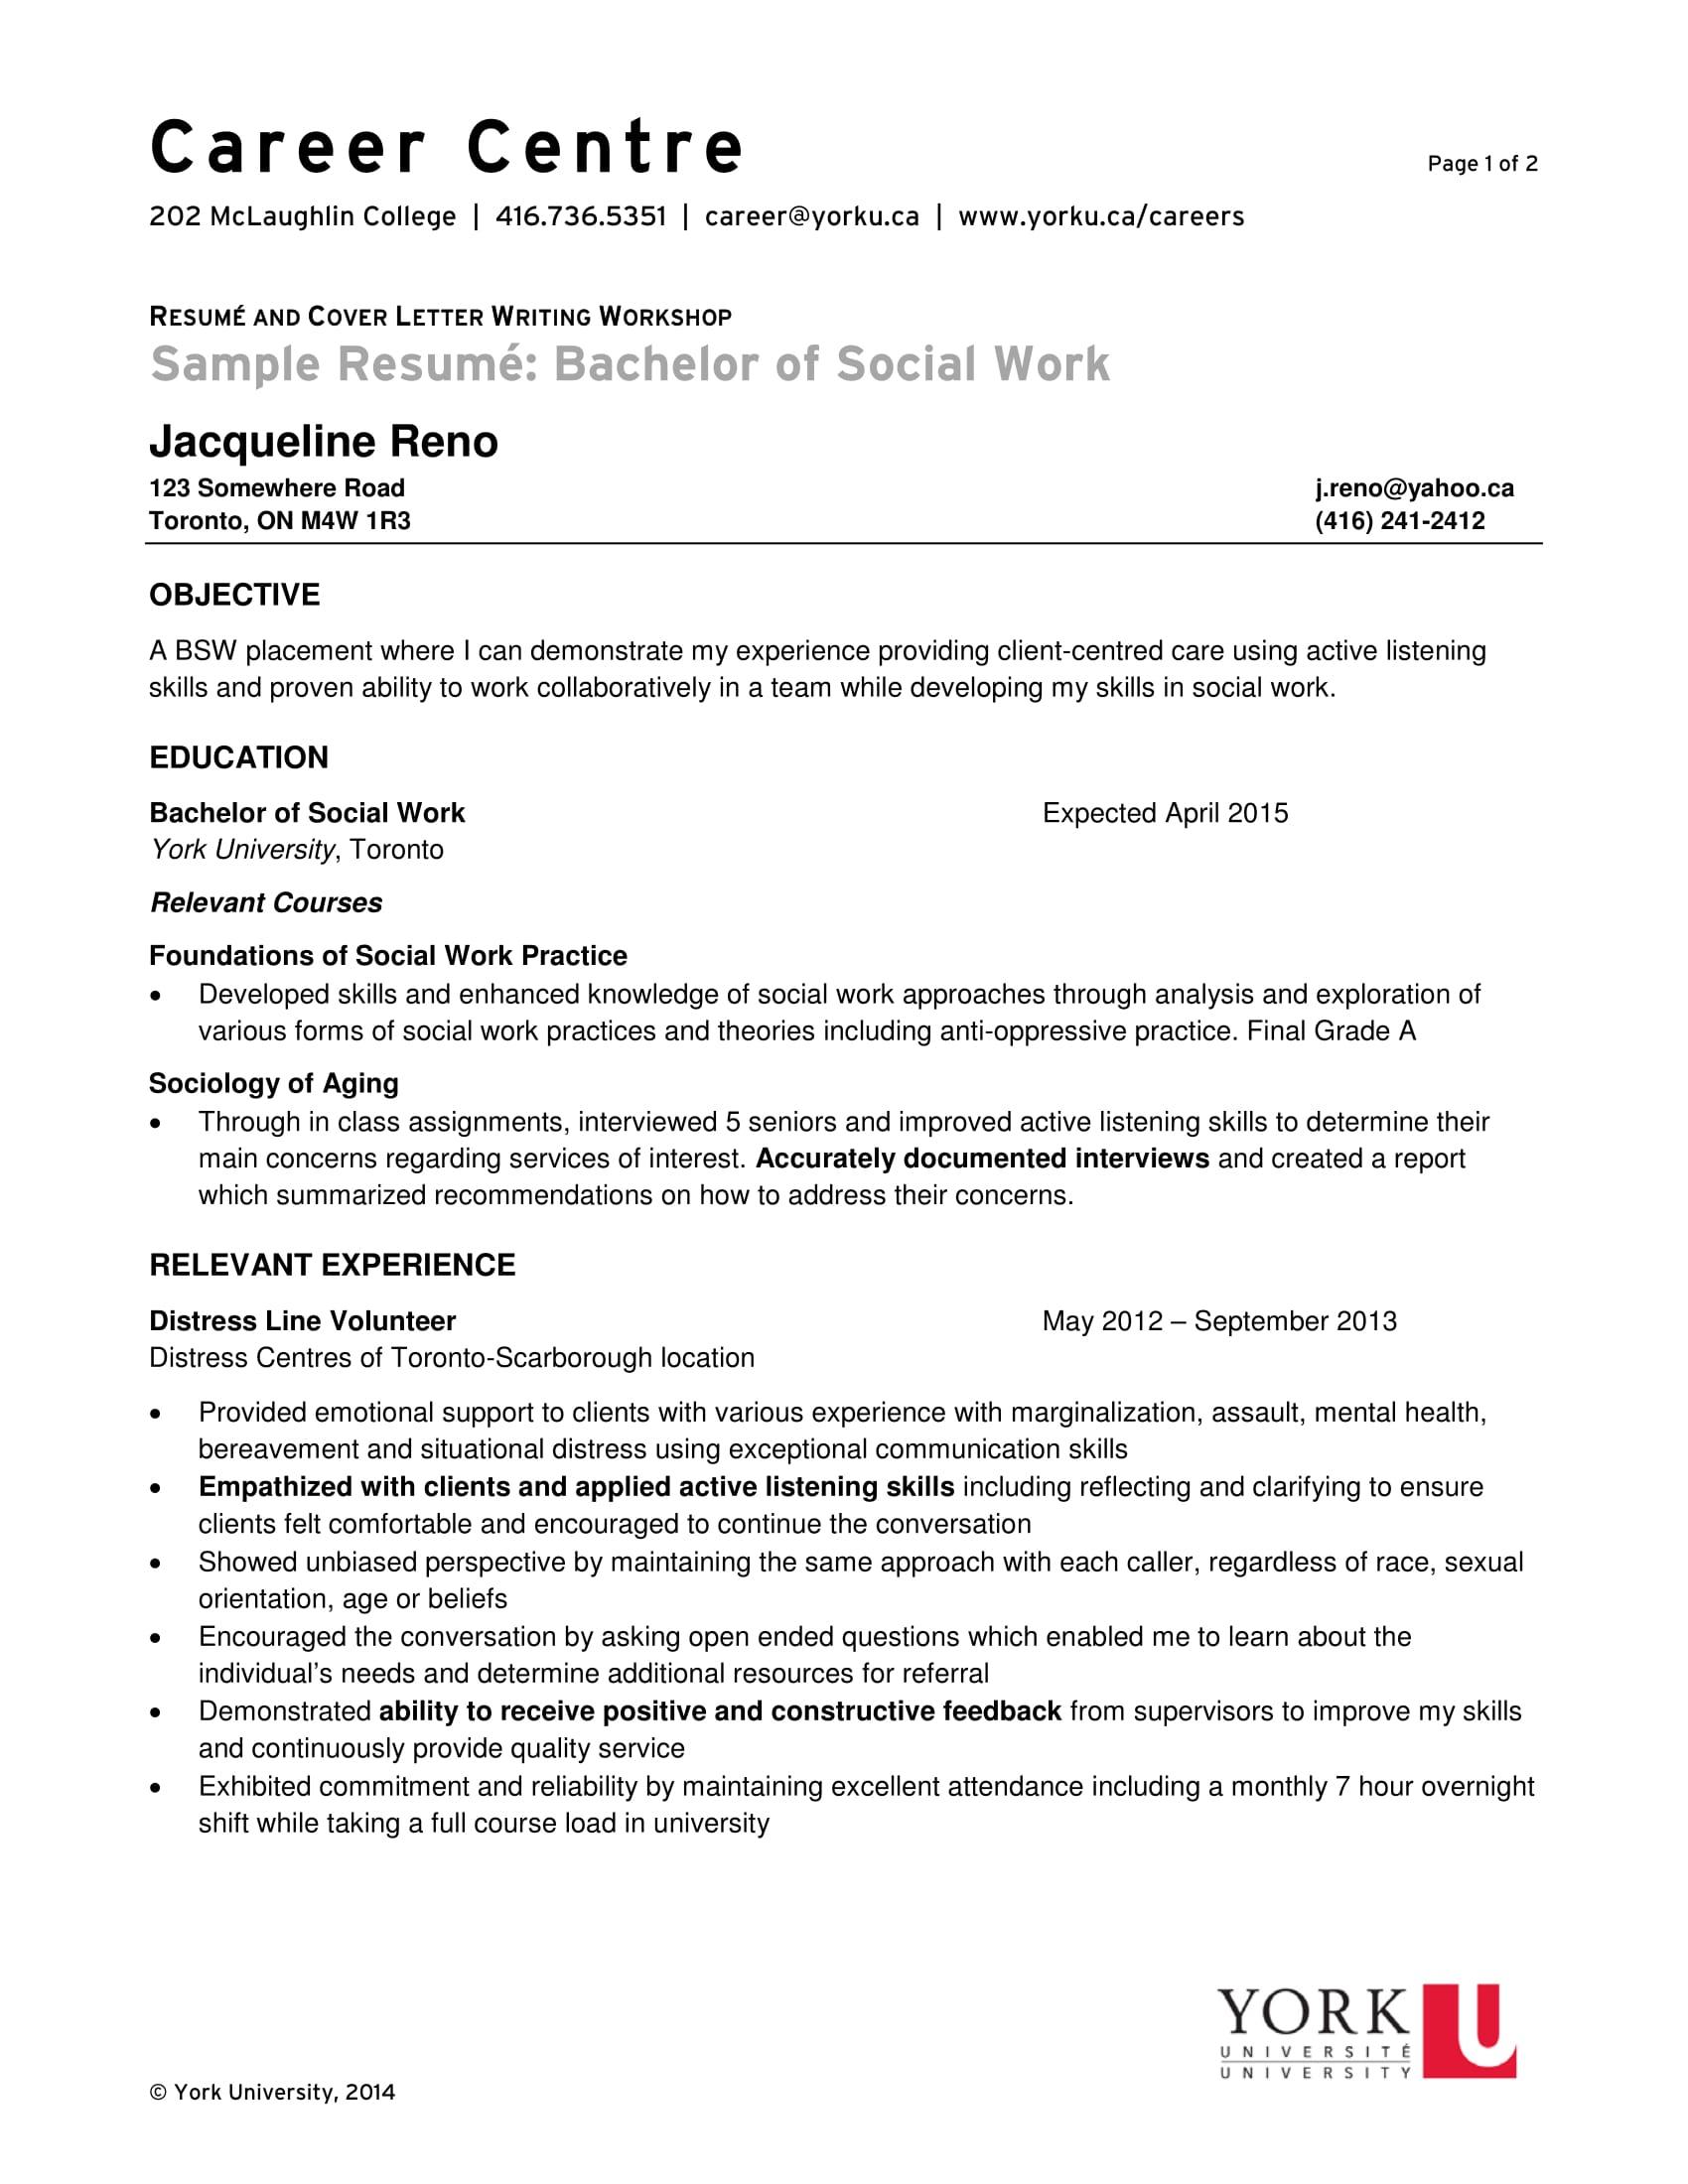 Social work sample resume